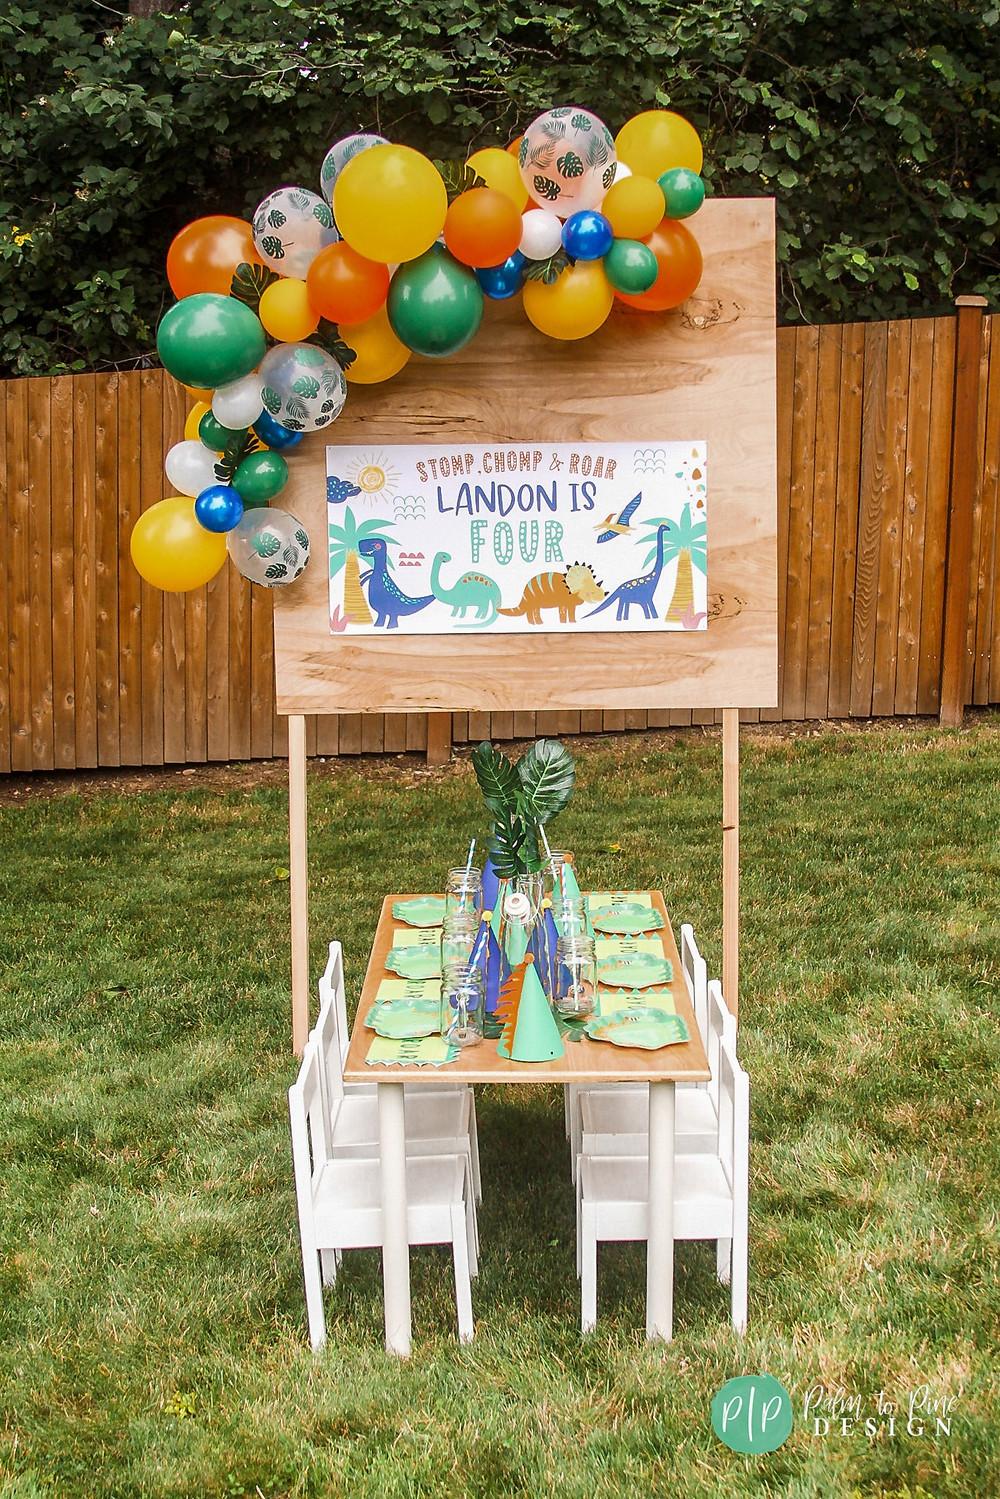 dino birthday party ideas, dinosaur birthday theme